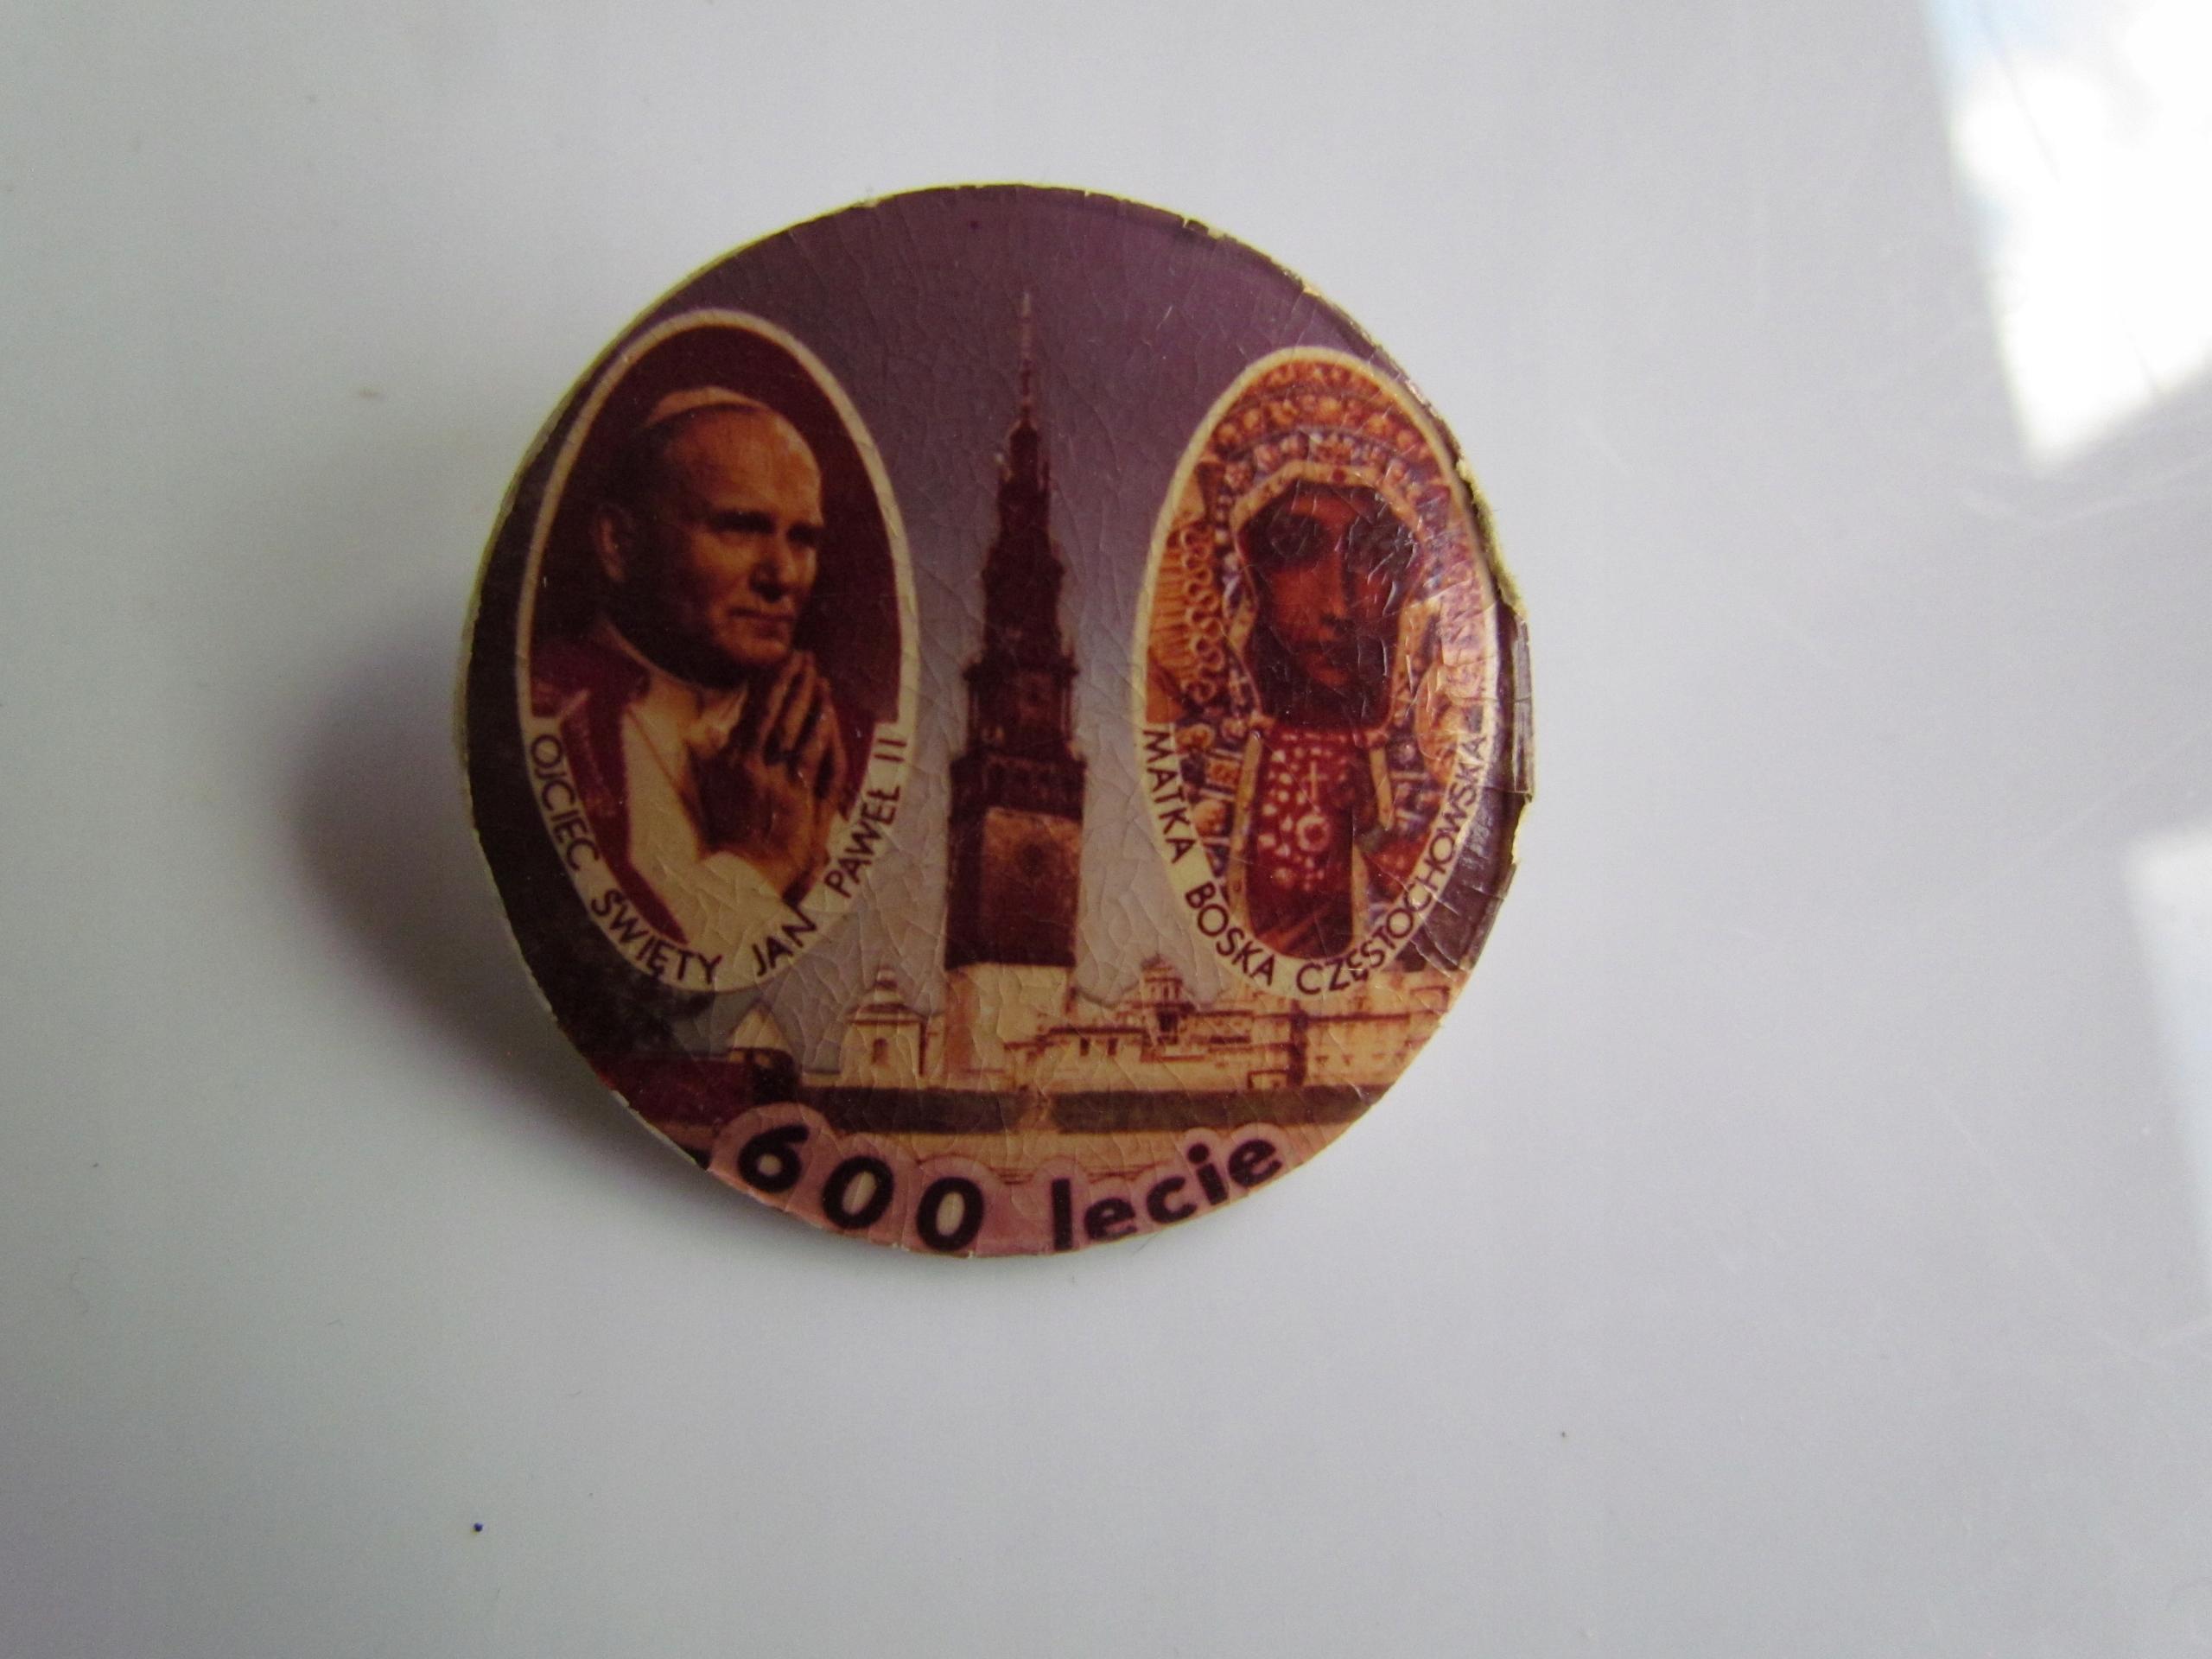 Przypinka Jan Paweł II 600 lecie Matka Boska Częst